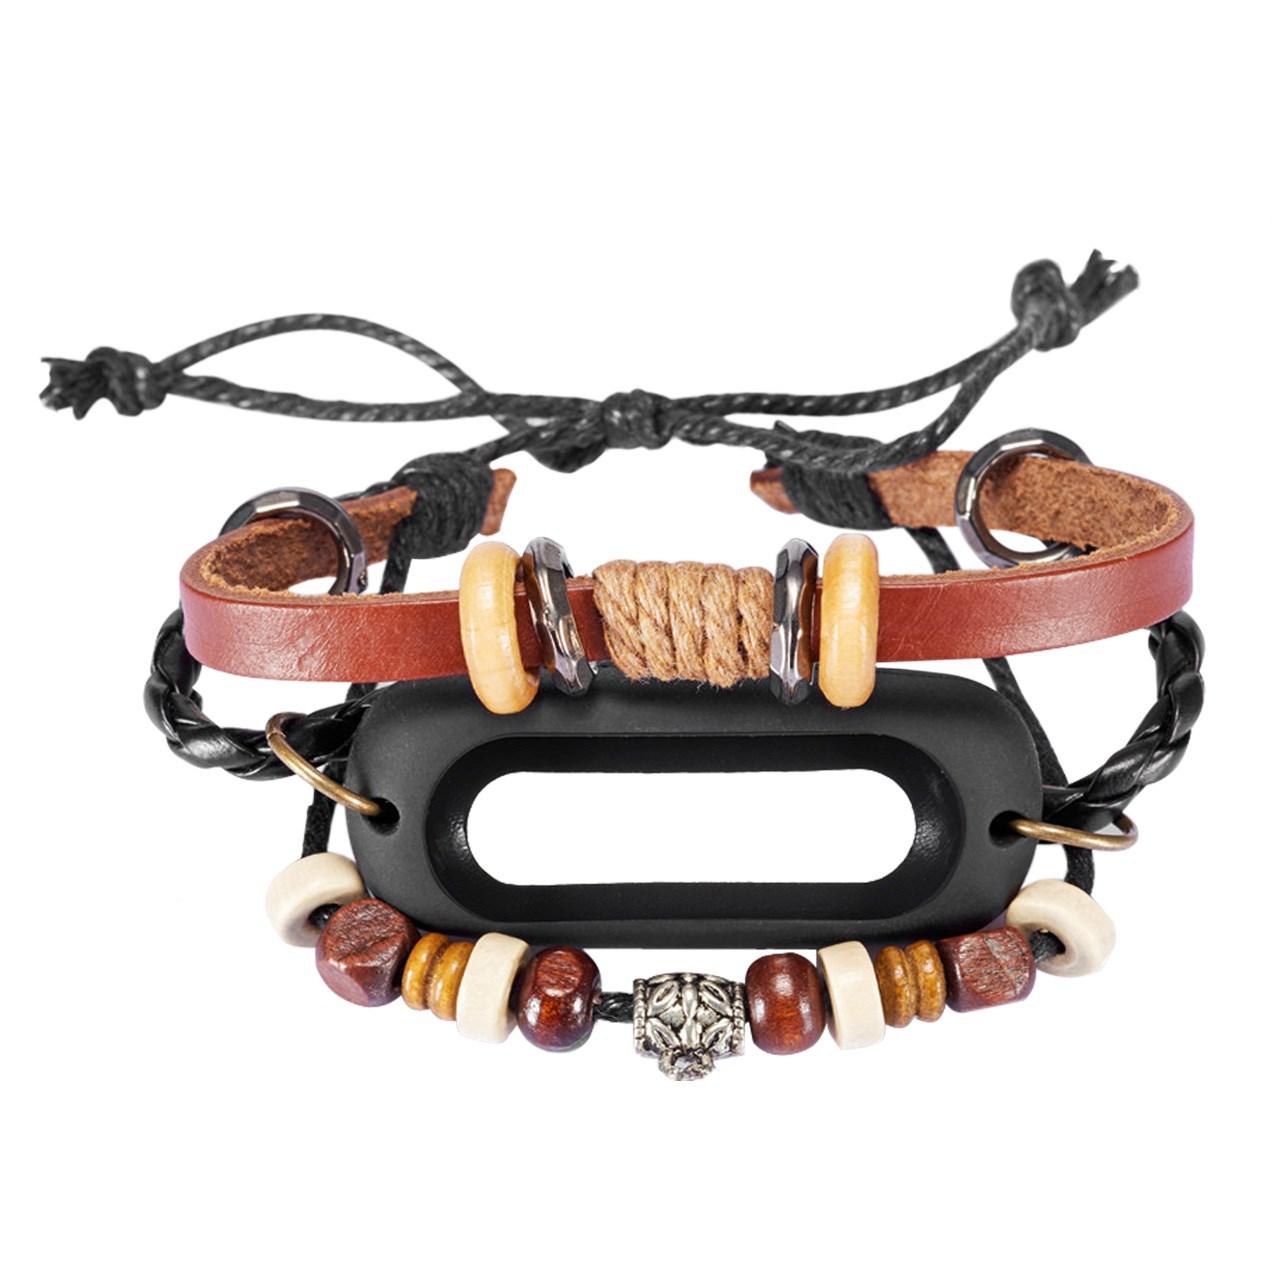 بند فانتزی شیائومی مدل Bead Bracket مناسب برای ساعت هوشمند شیائومی Mi Band 2